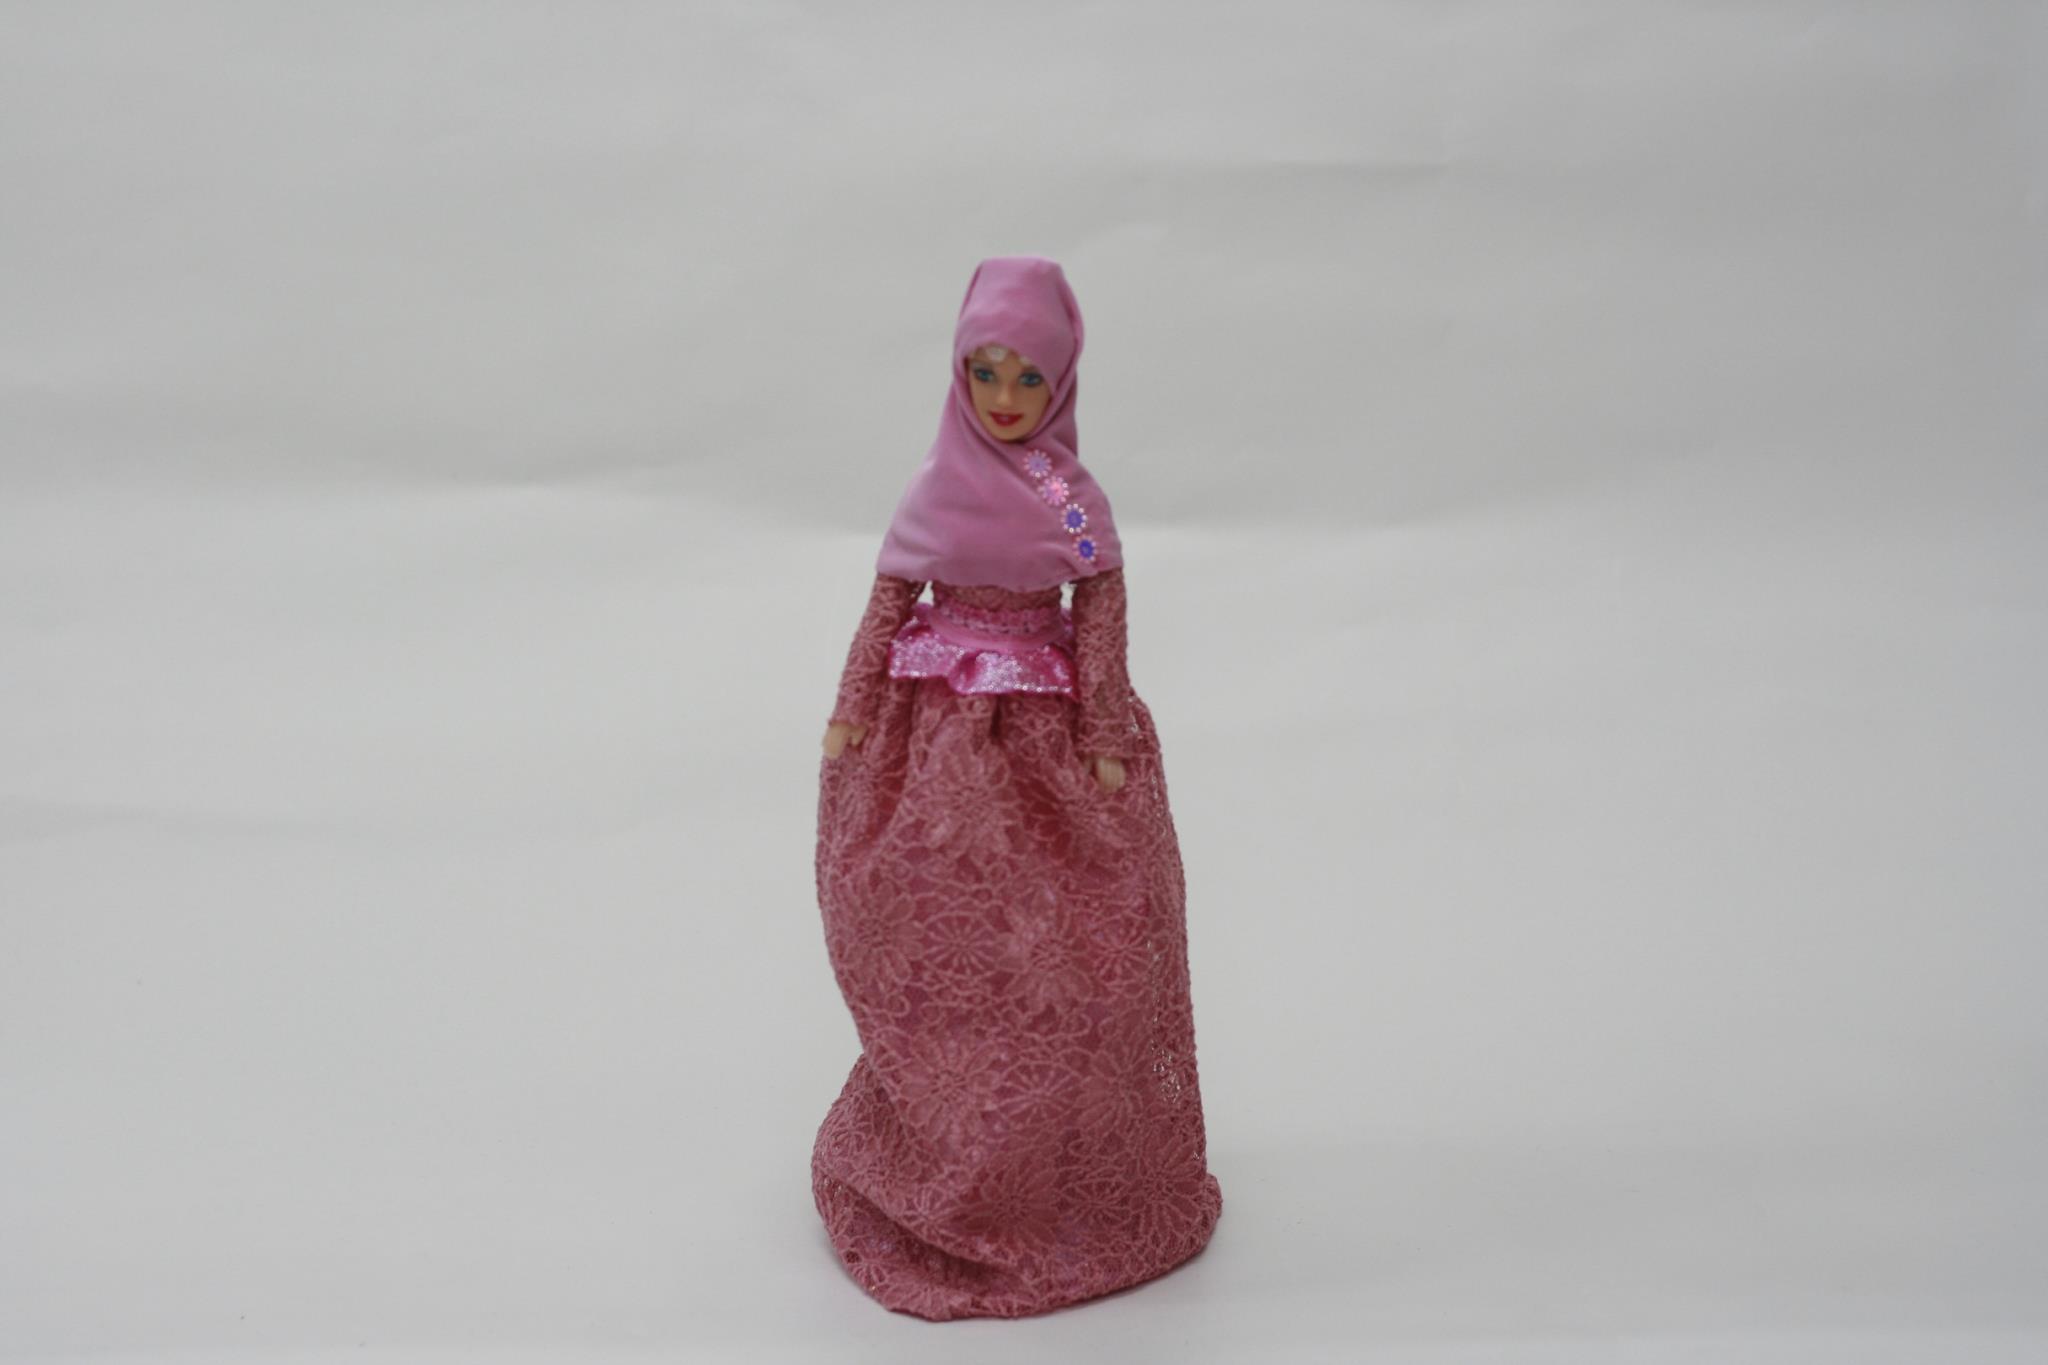 ตุ๊กตามุสลิม ตุ๊กตาตั้งโชว์ สินค้าโอทอป (แบบที่ 1)